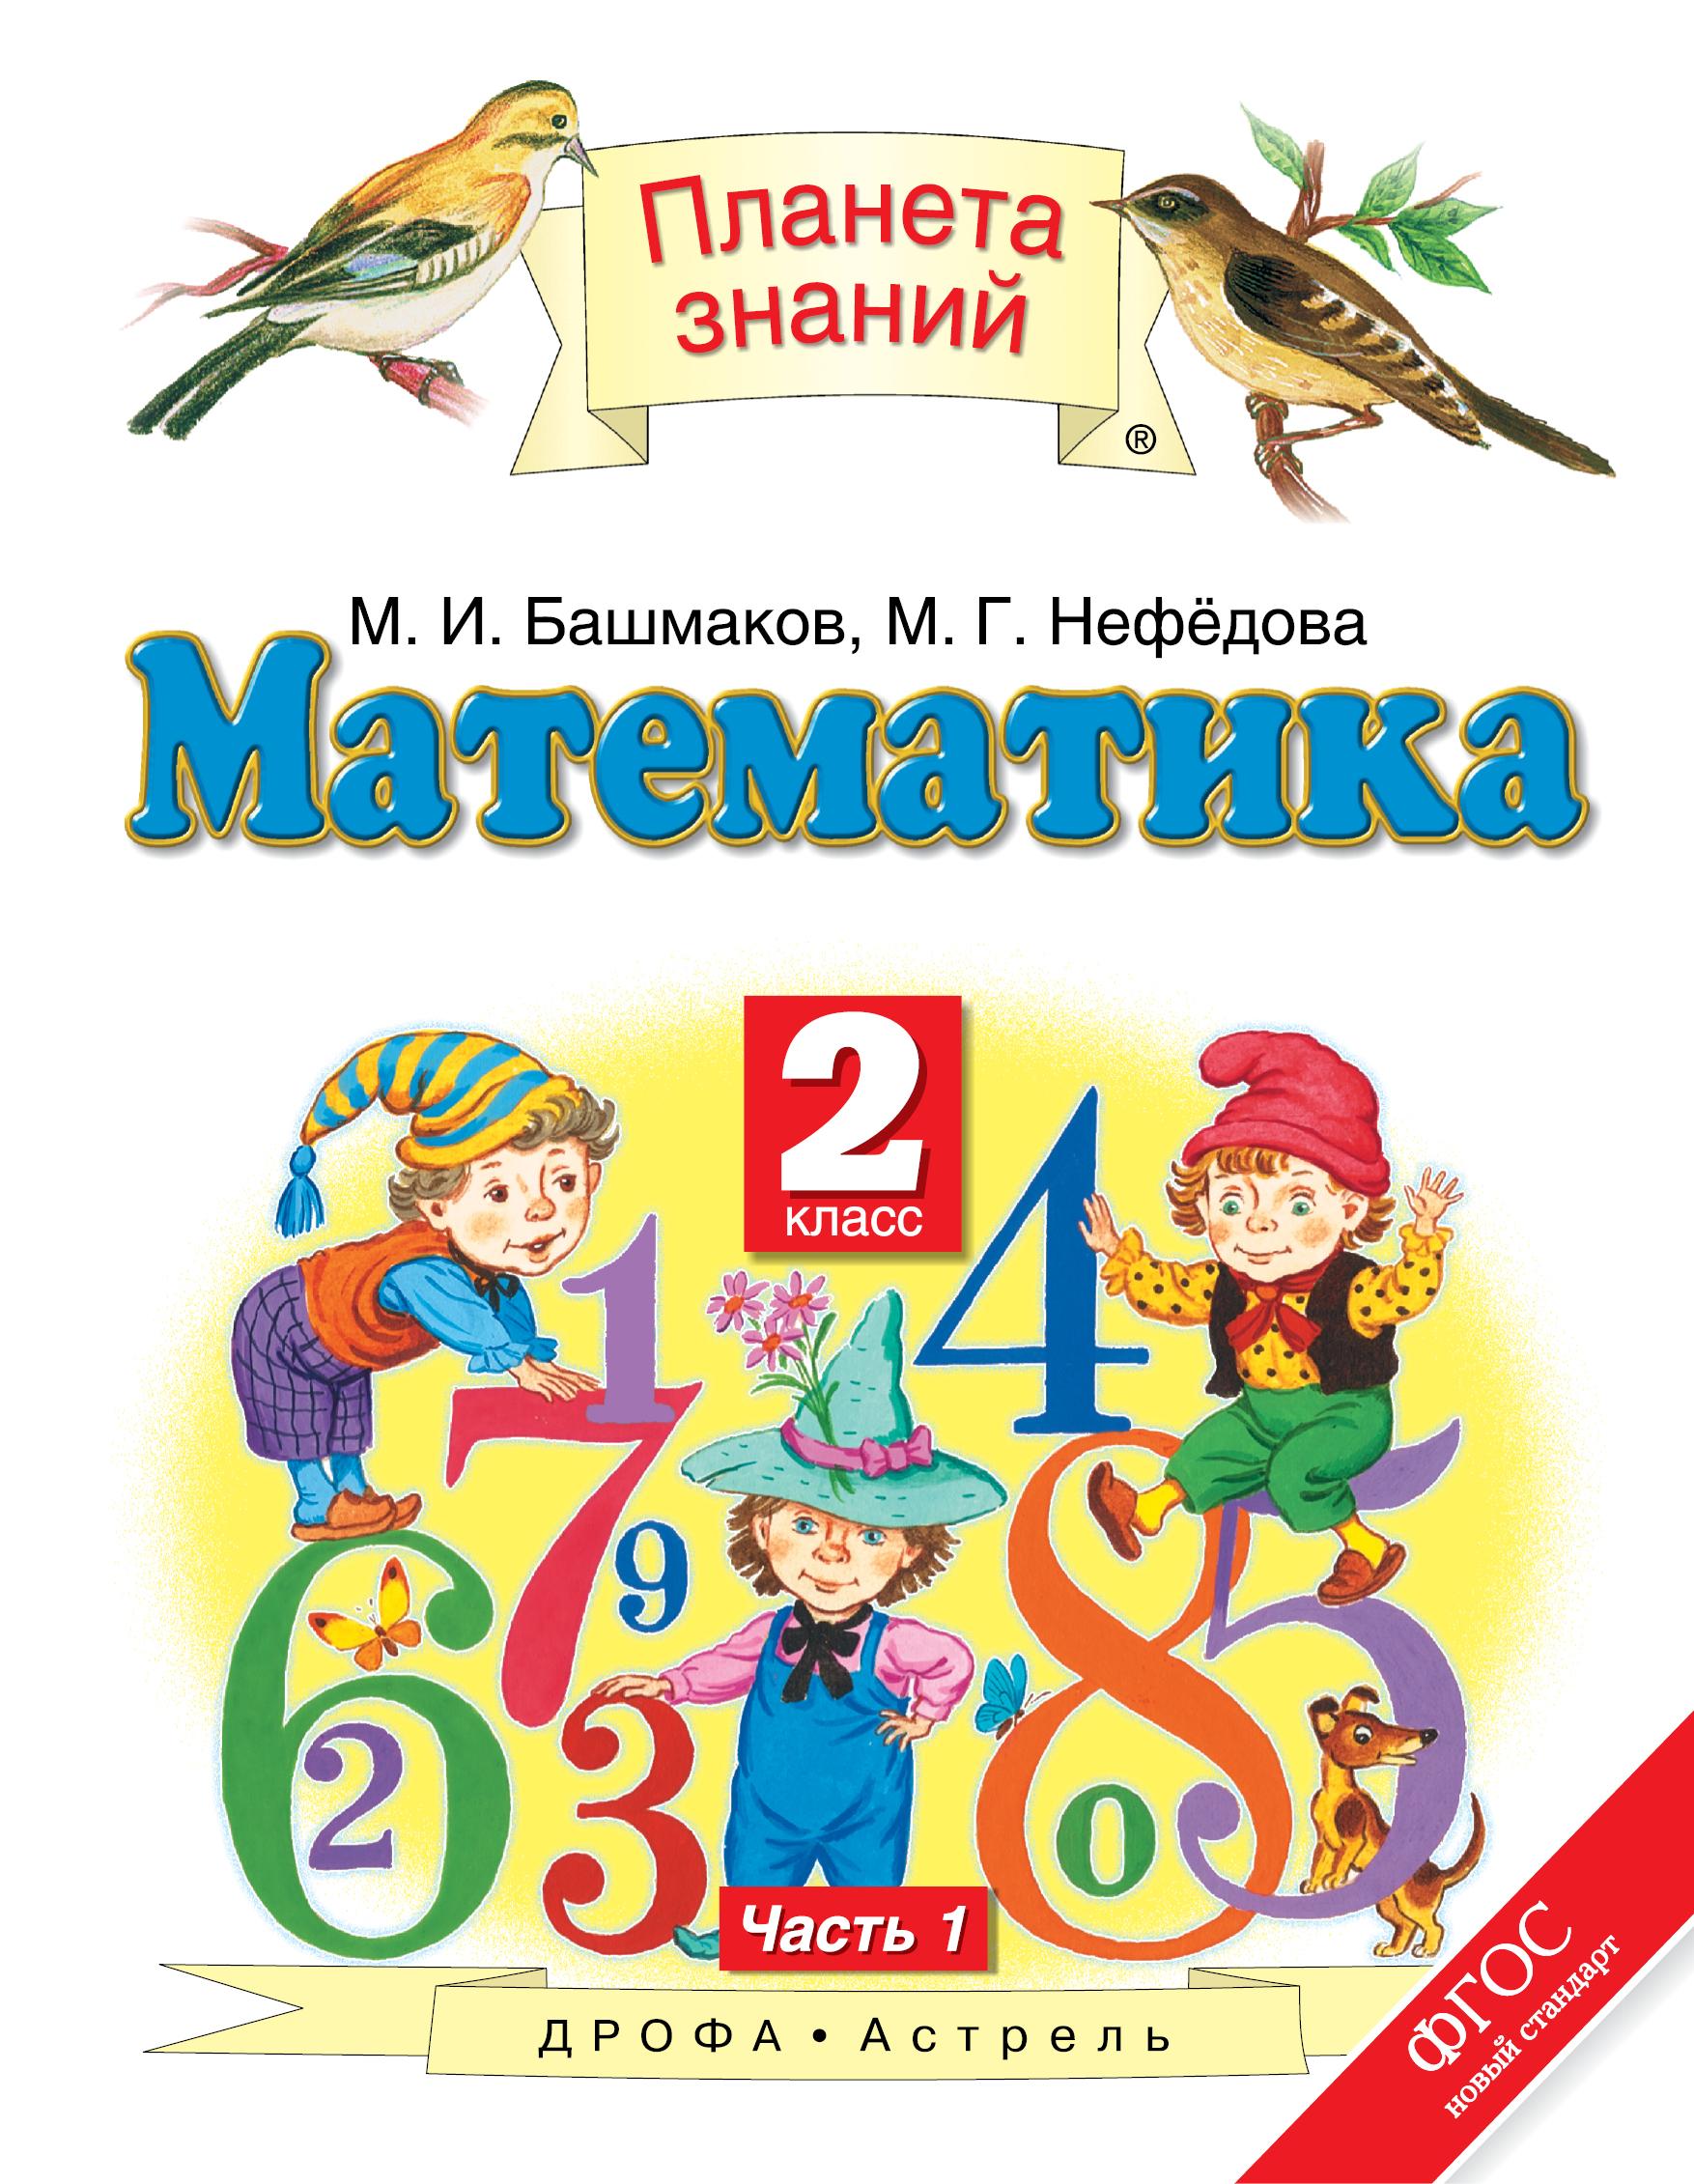 Башмаков Марк Иванович Математика. 2 класс. В частях. Часть 1